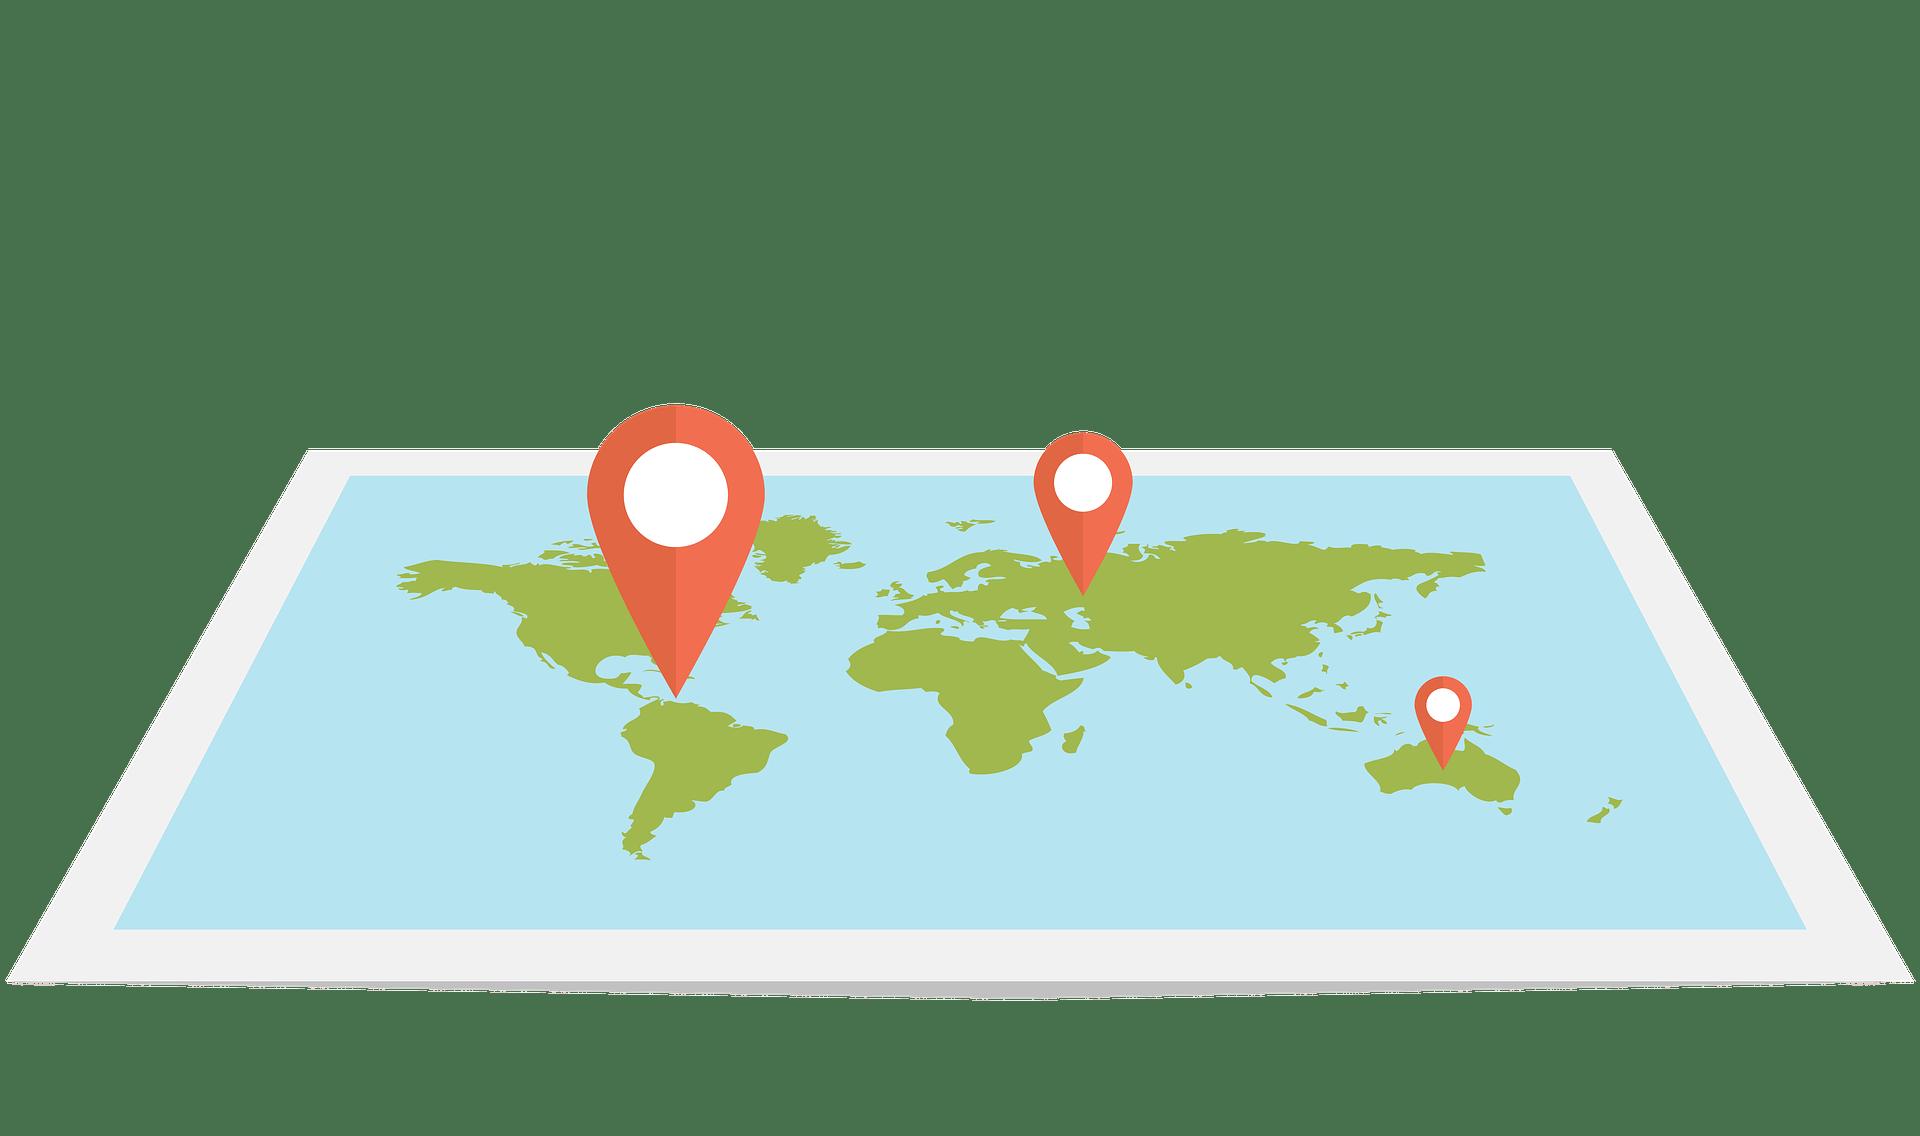 Regioseiten, Regional, SEO, suchmaschinenoptimierung, Region, Webseiten, Mehr Kunden